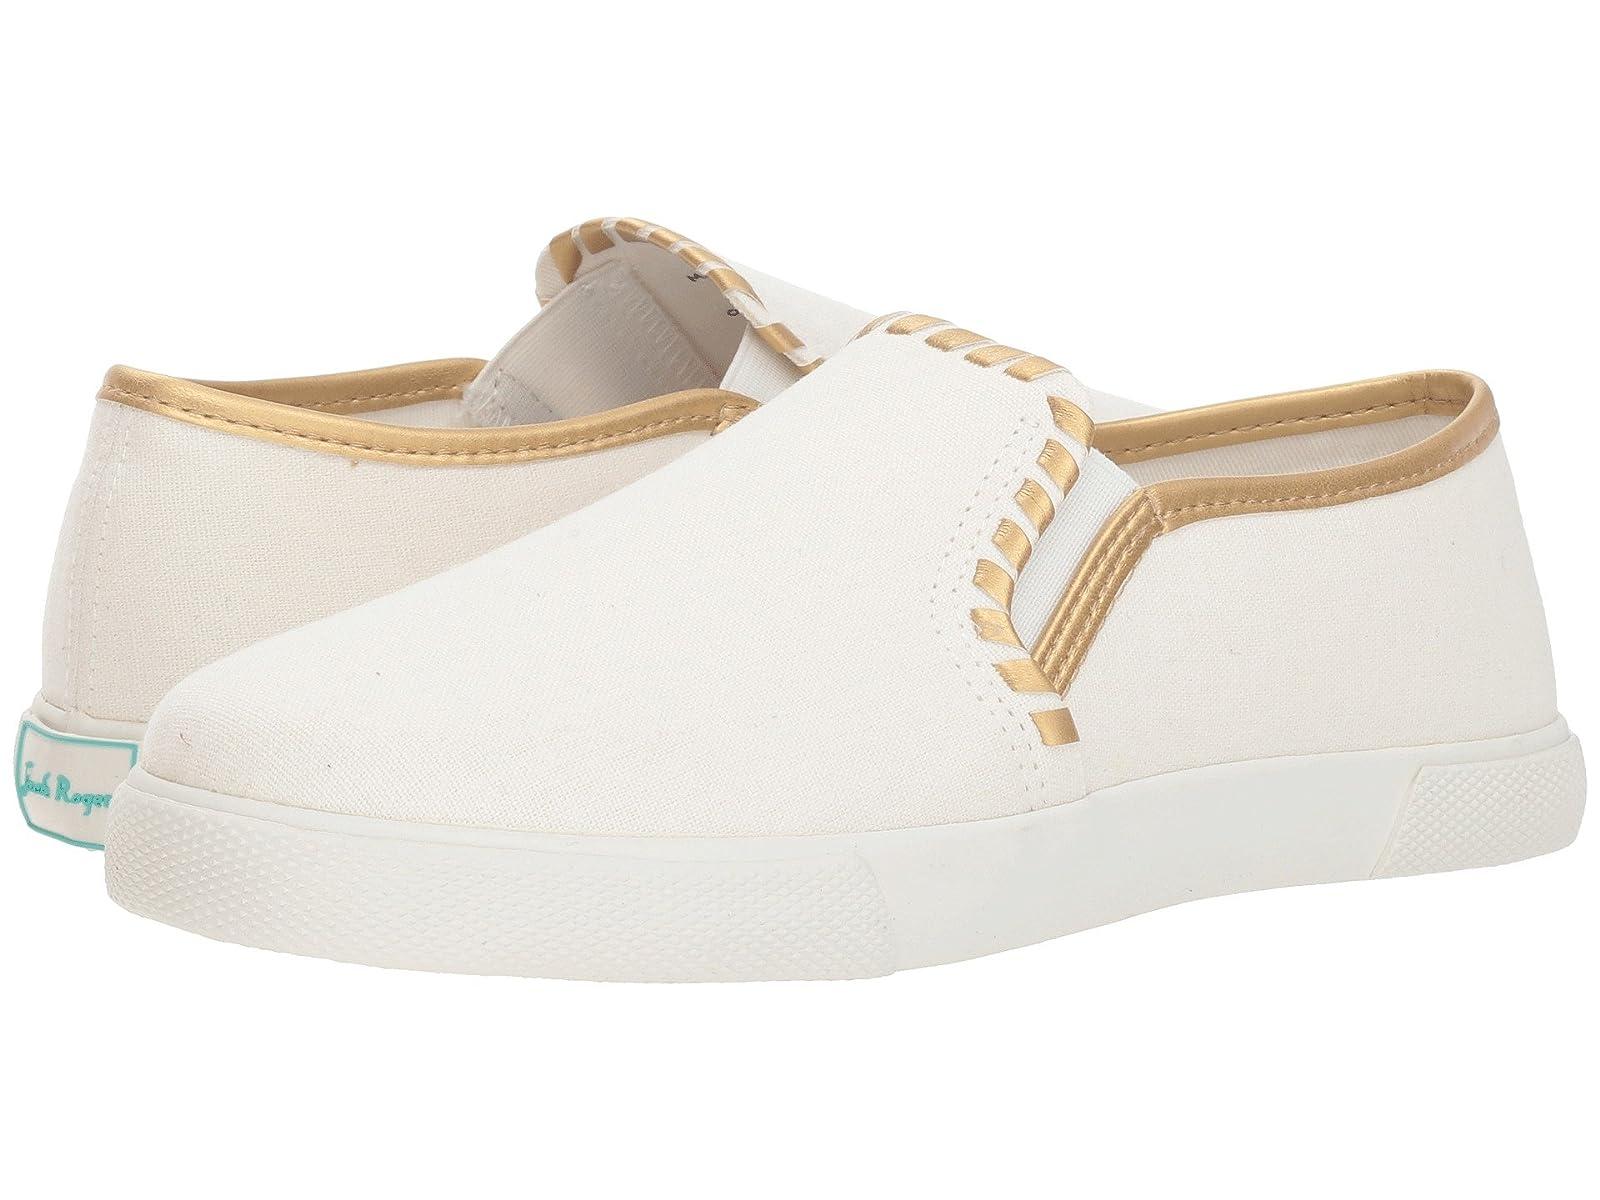 Jack Rogers MckayAtmospheric grades have affordable shoes